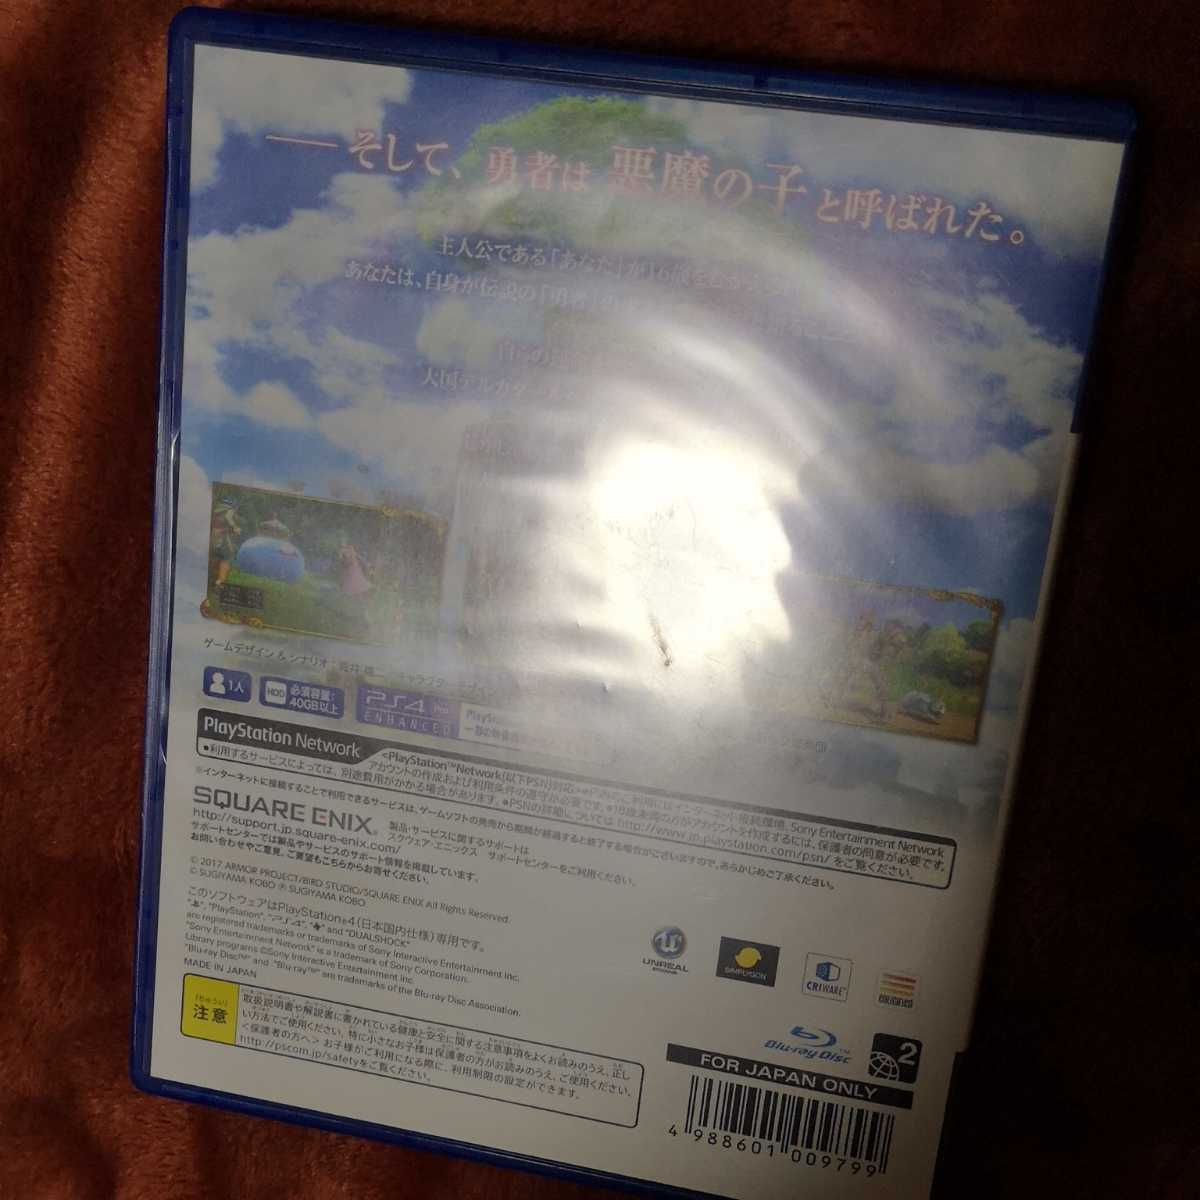 PS4 ソフト ドラゴンクエスト11 過ぎ去りし時を求めて ドラゴンクエストXI dragon quest ドラクエ dragonquest DQ